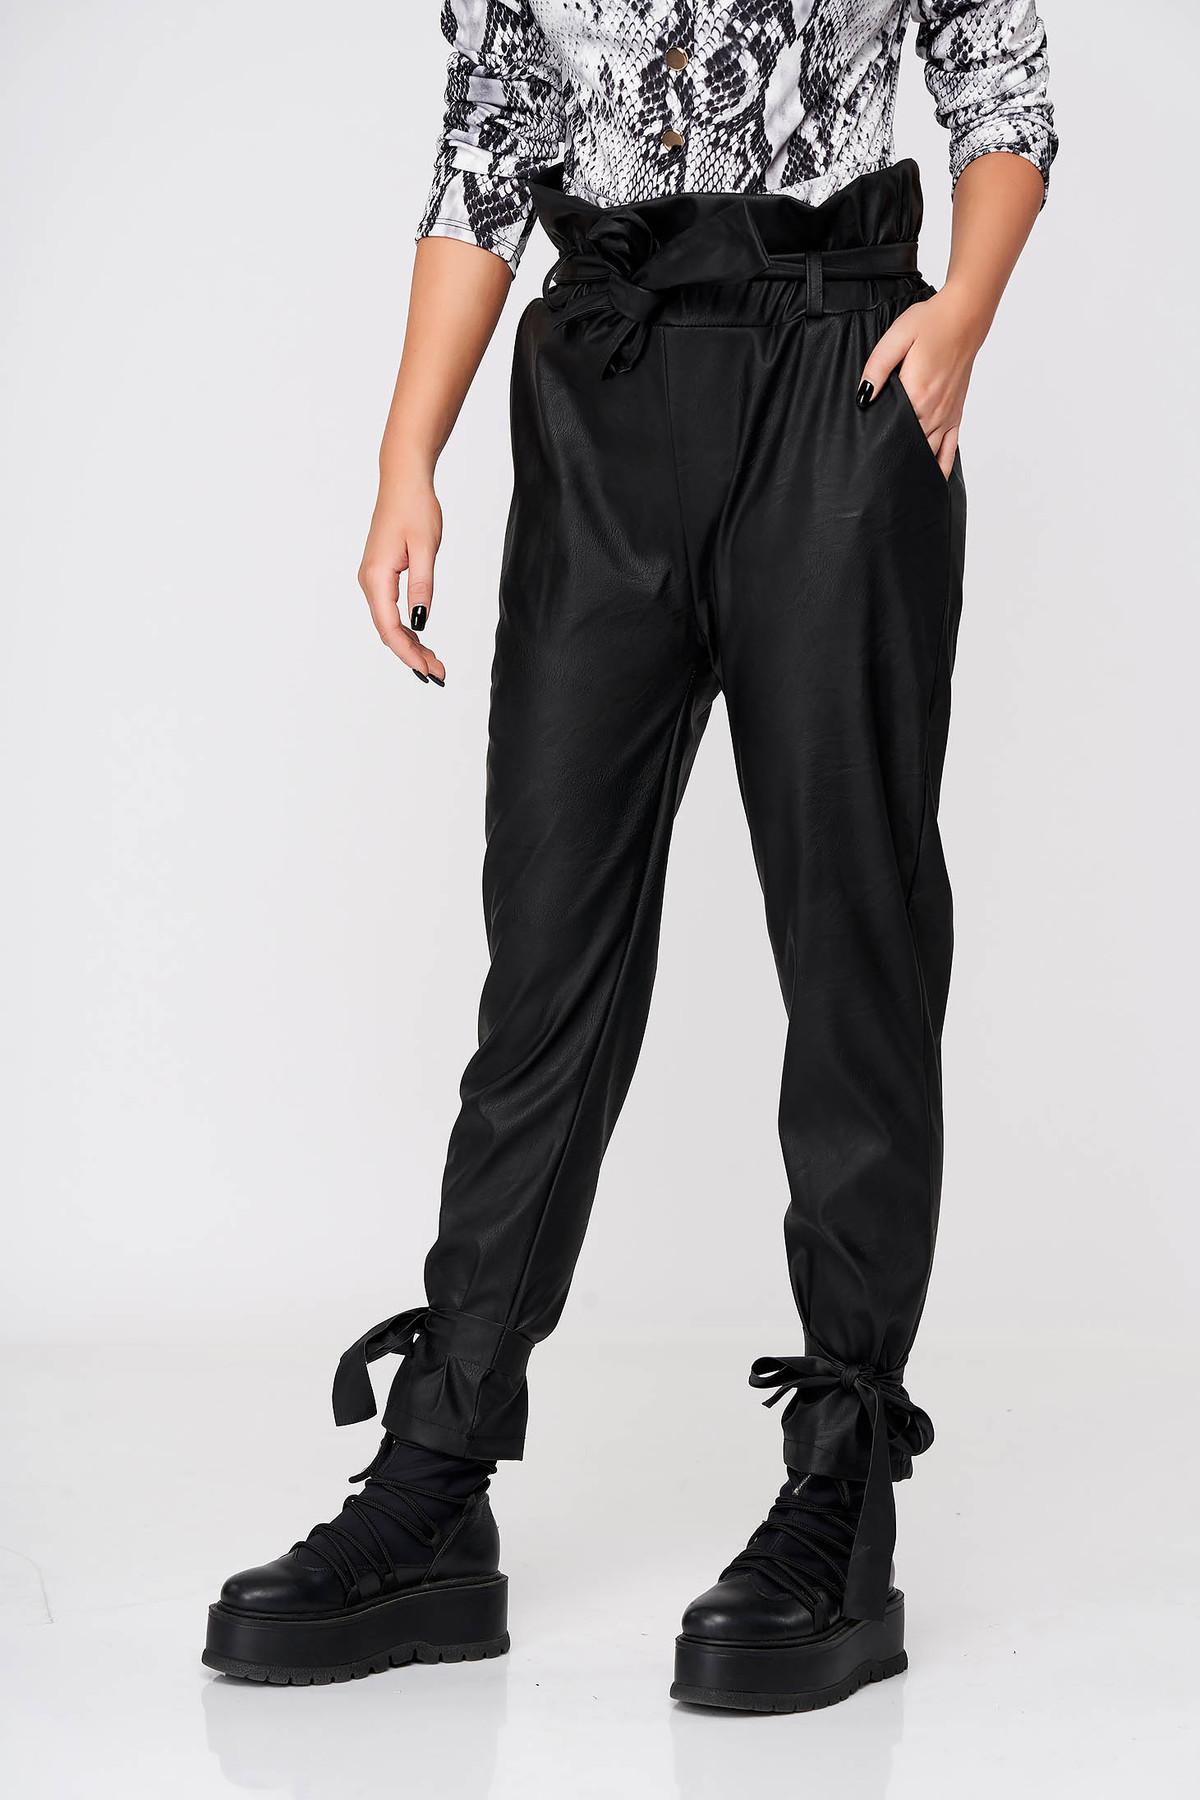 Pantaloni SunShine negri casual conici din piele ecologica cu elastic in talie